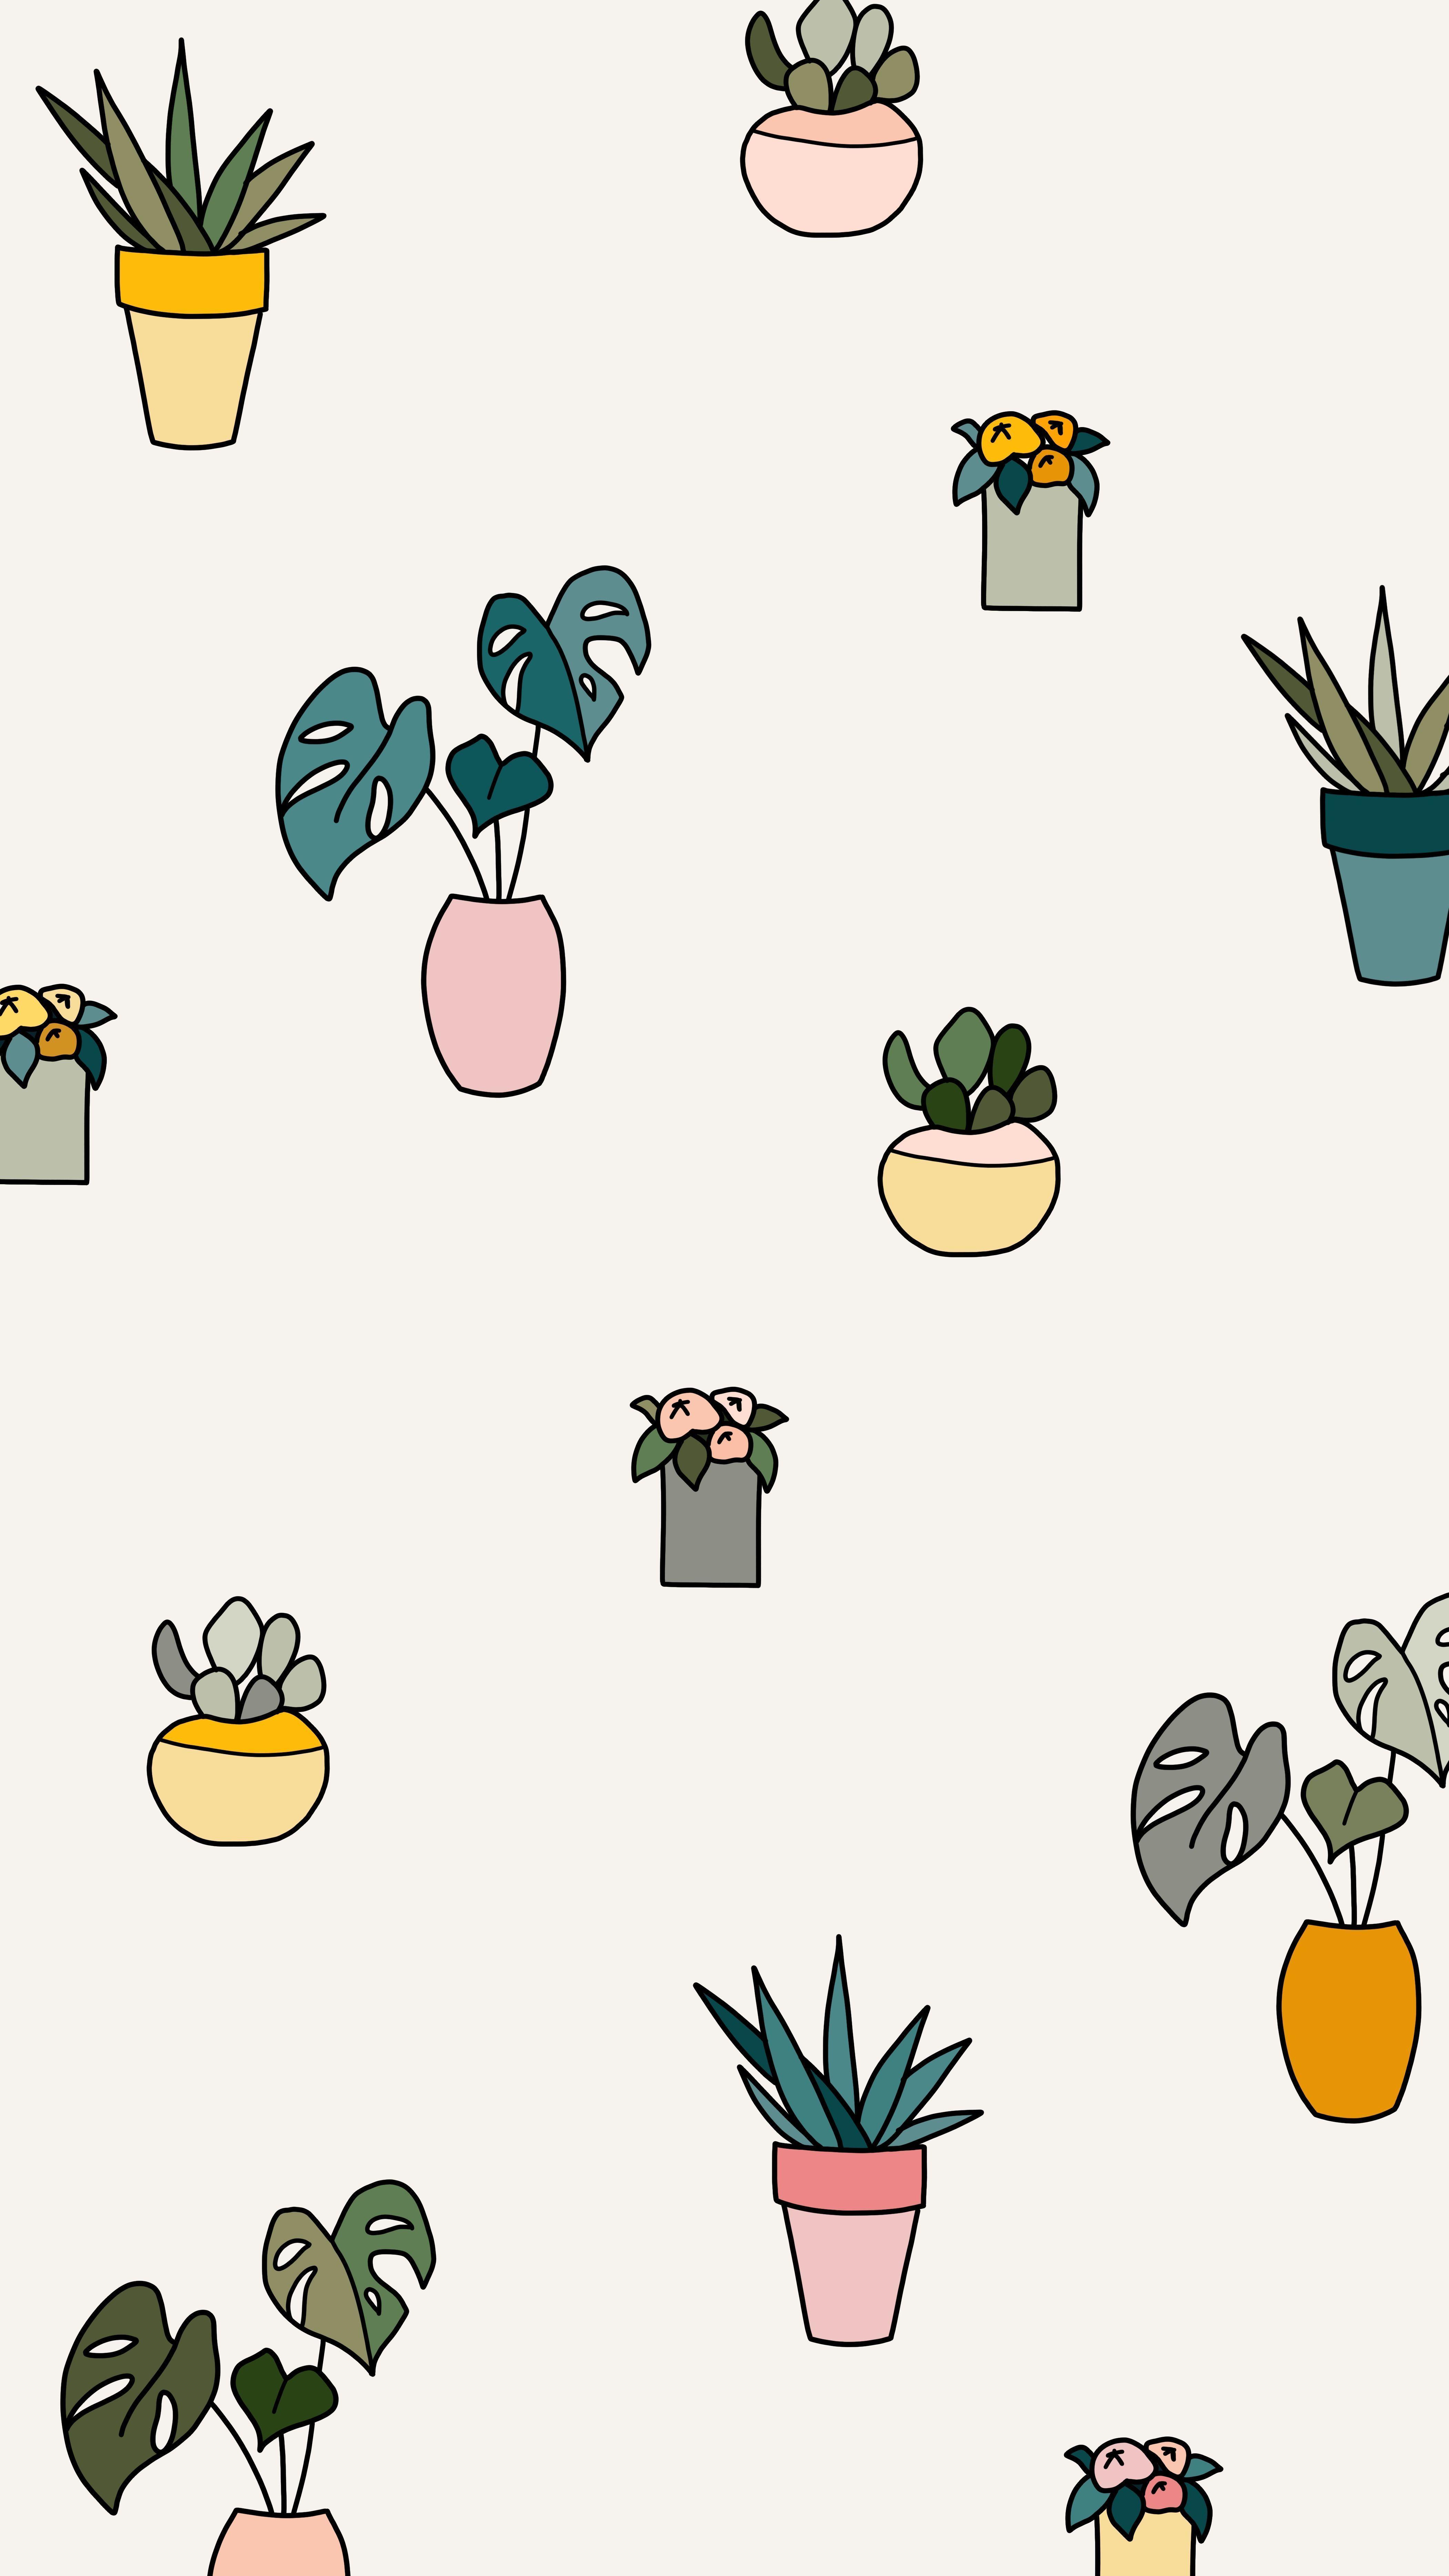 La Mia Maggio Fiori Una Sfida Sorteggio Giornaliero Piante In Vaso Foglia Monstera Pi Succulents Wallpaper Iphone Background Inspiration Ipad Pro Wallpaper